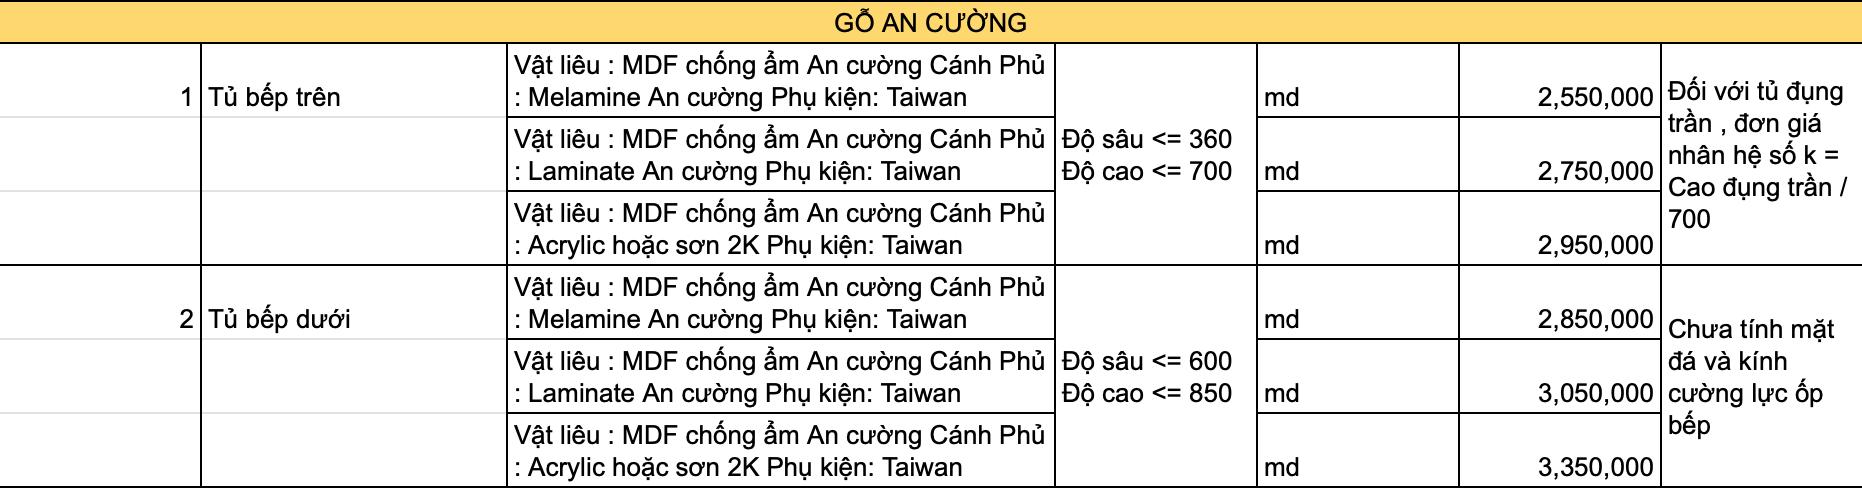 can-thong-tin-co-so-dong-tu-bep-cao-cap-tai-quan-1